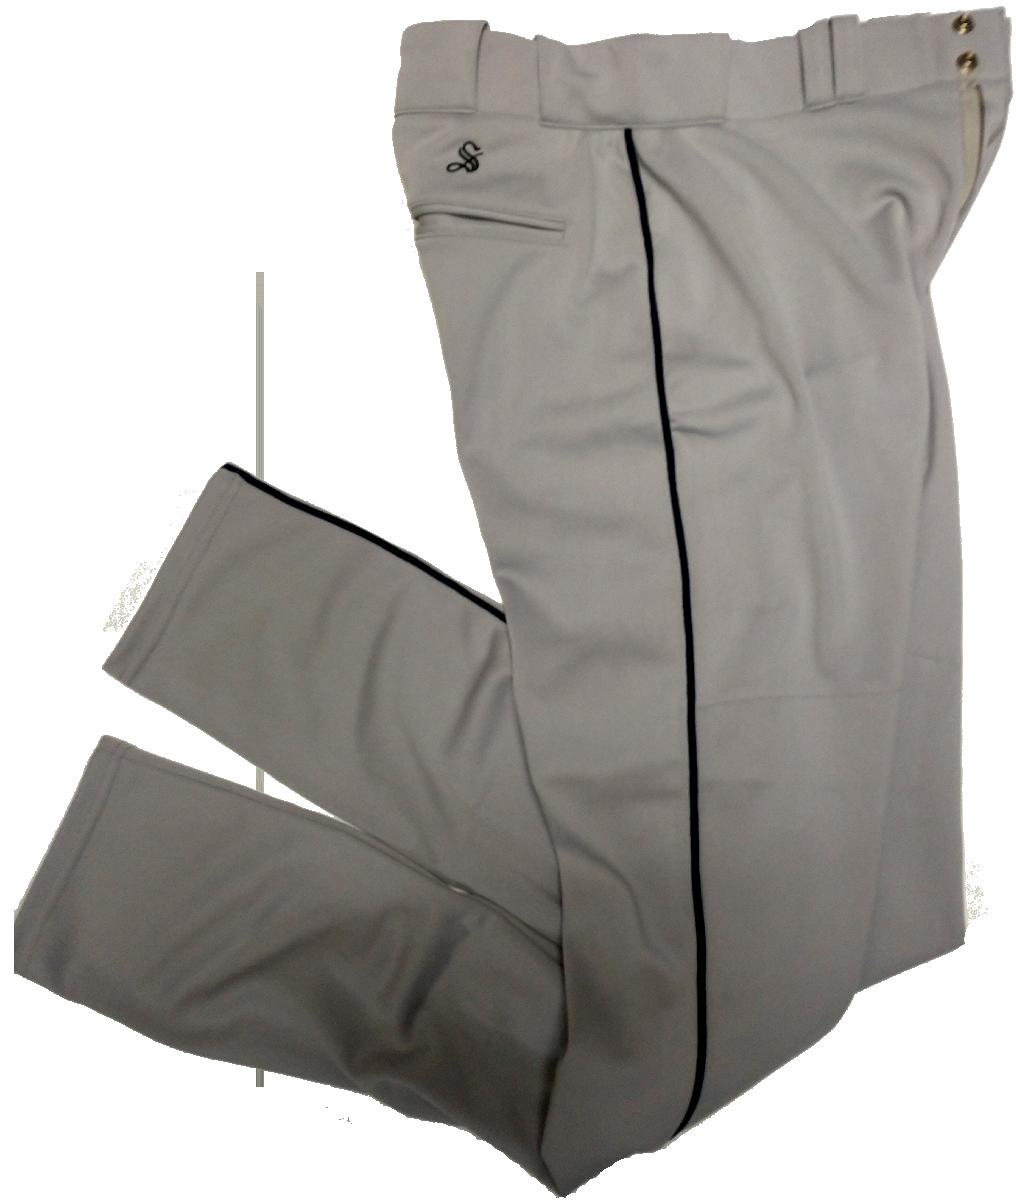 Southside Pro Pants